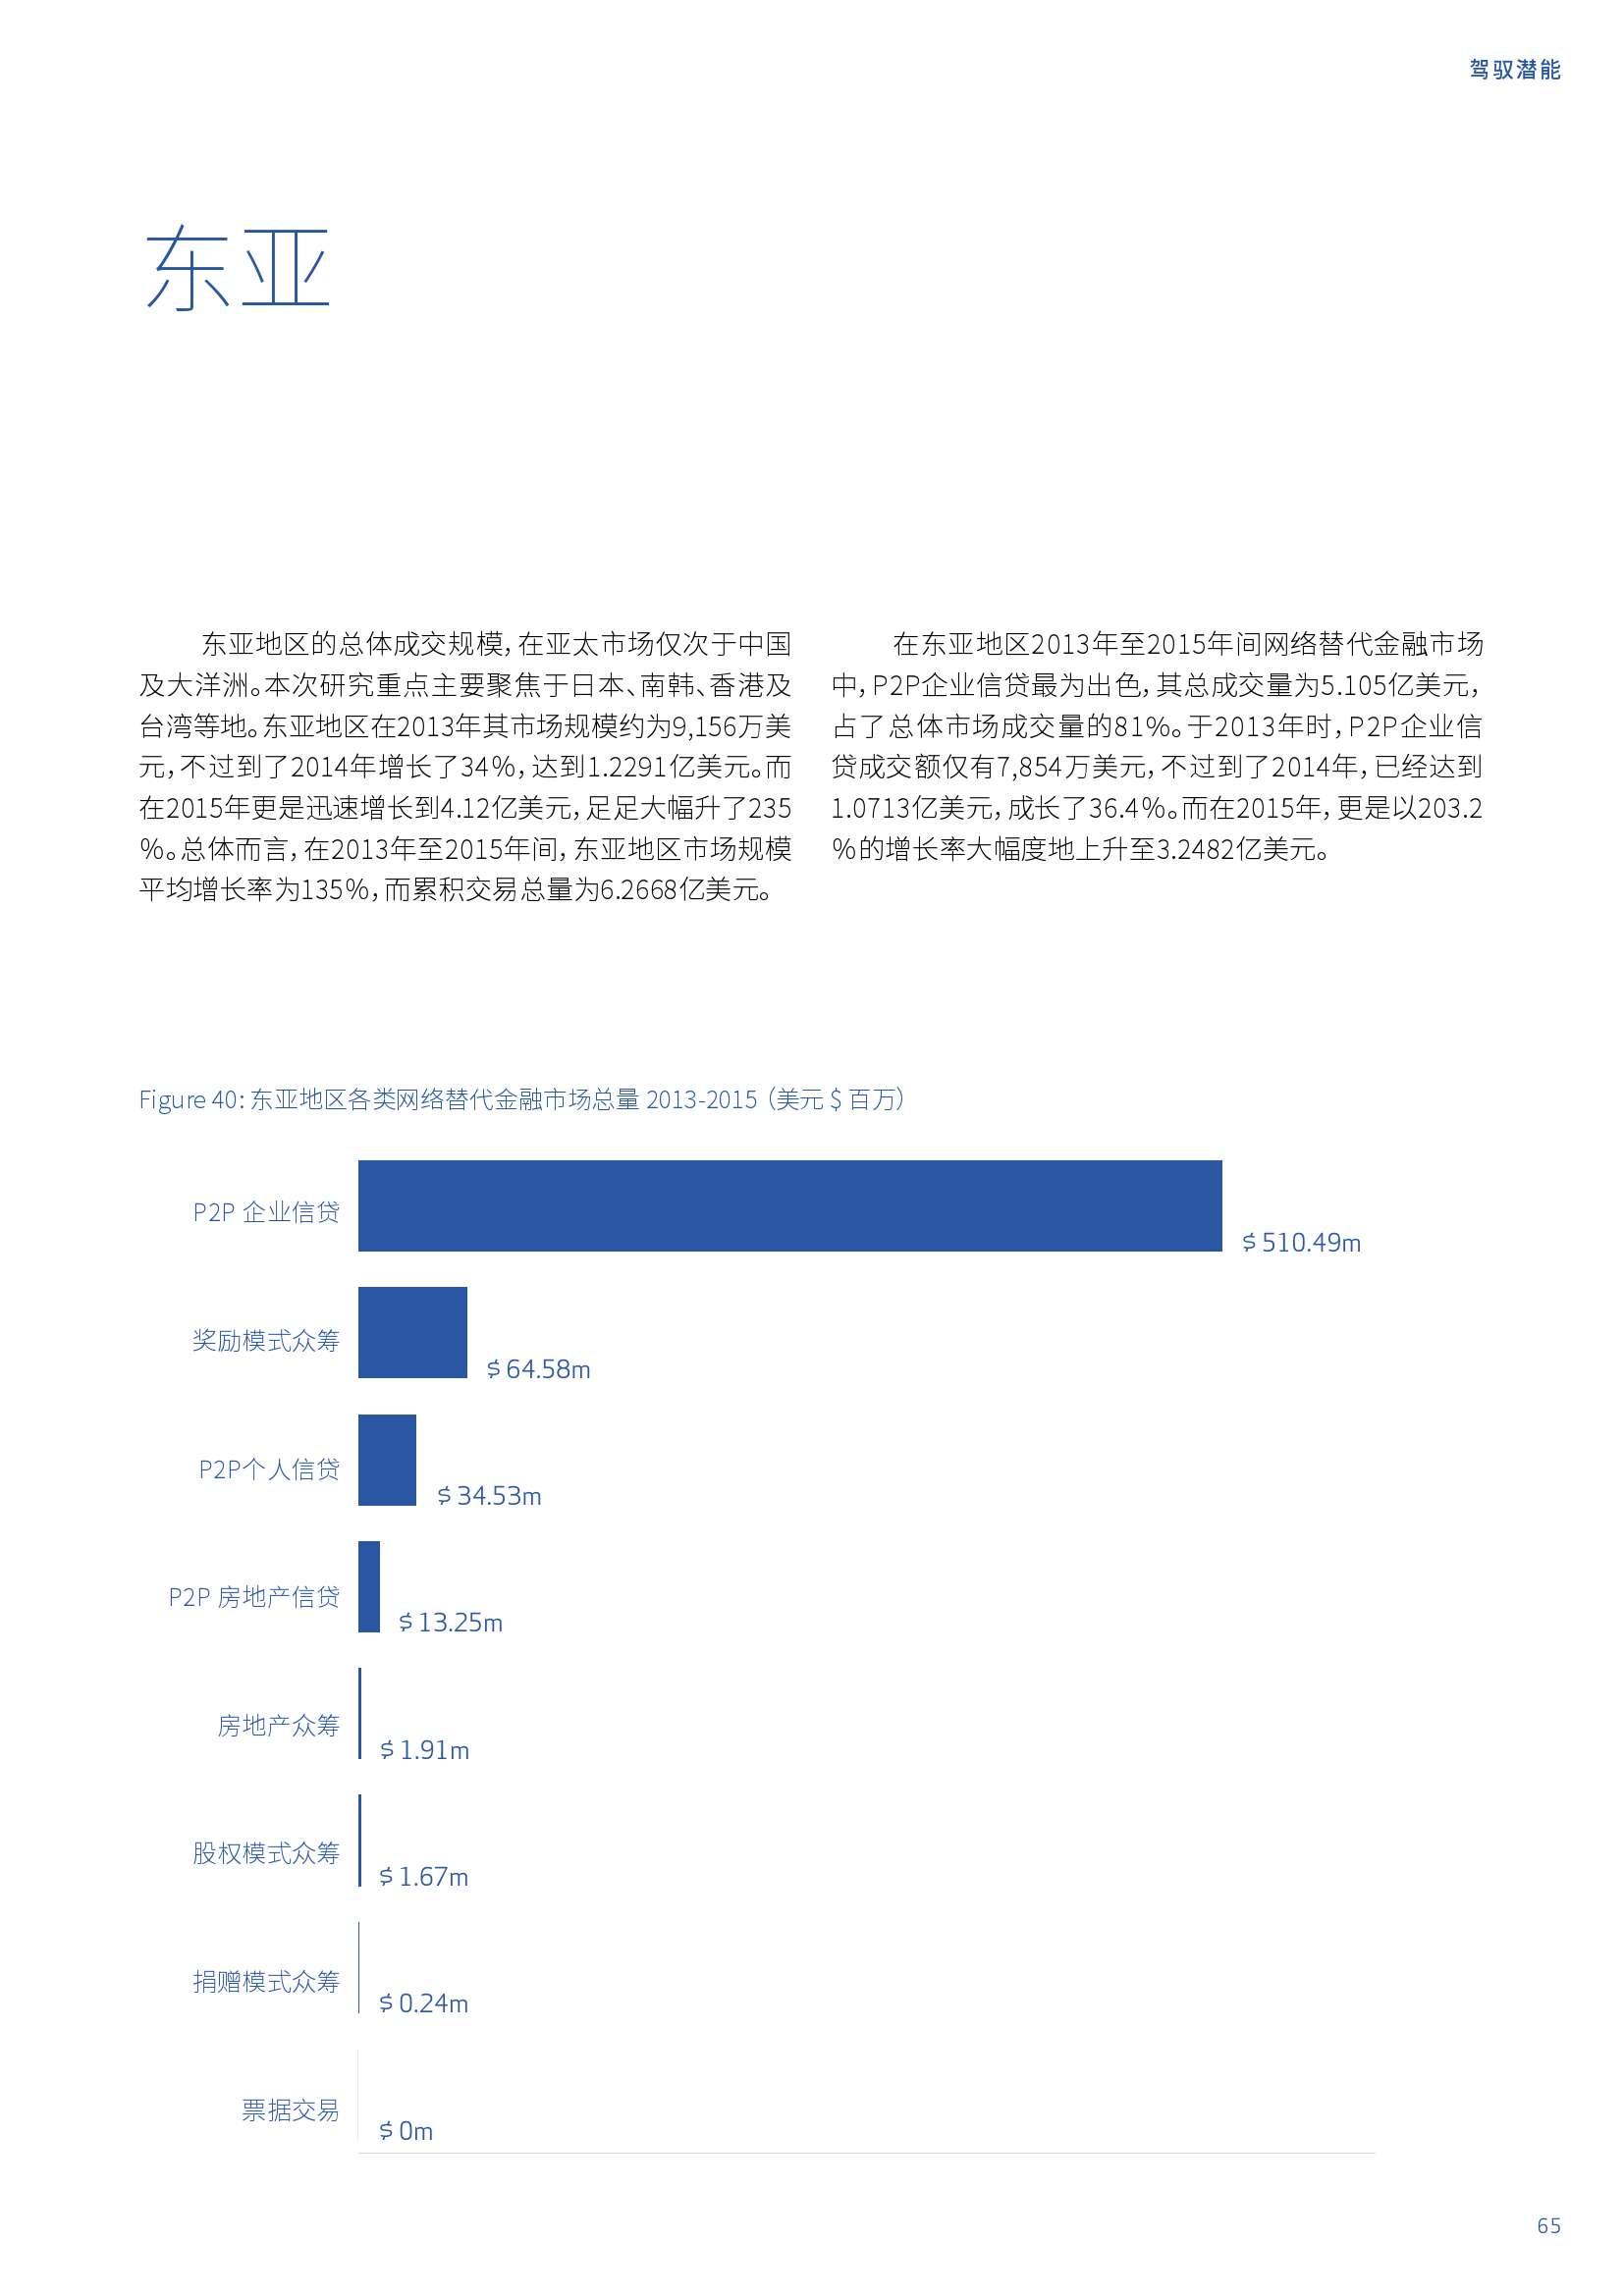 亚太地区网络替代金融基准报告_000065